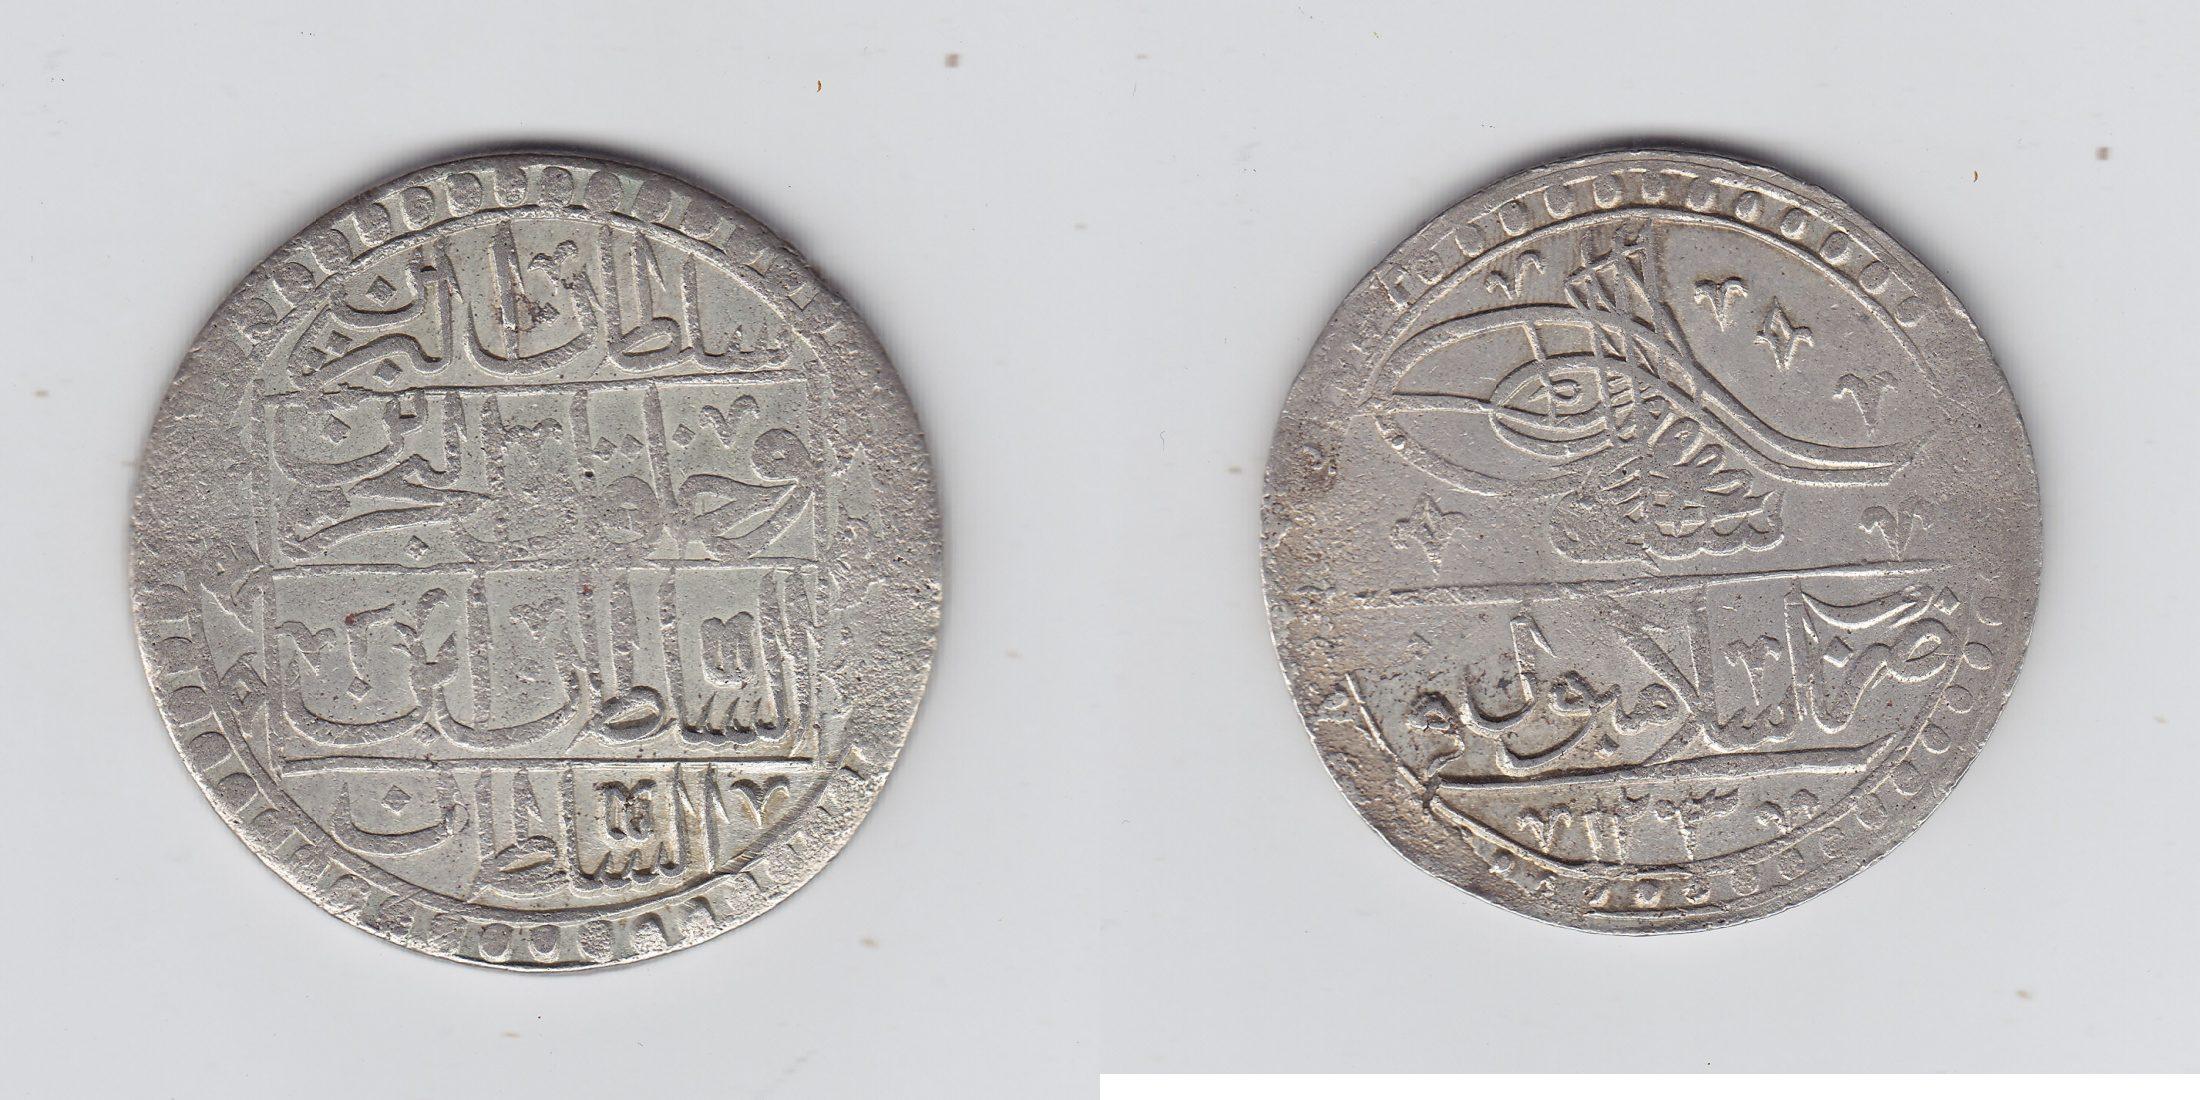 Türkei 1 Yuzluk 1203AH ss